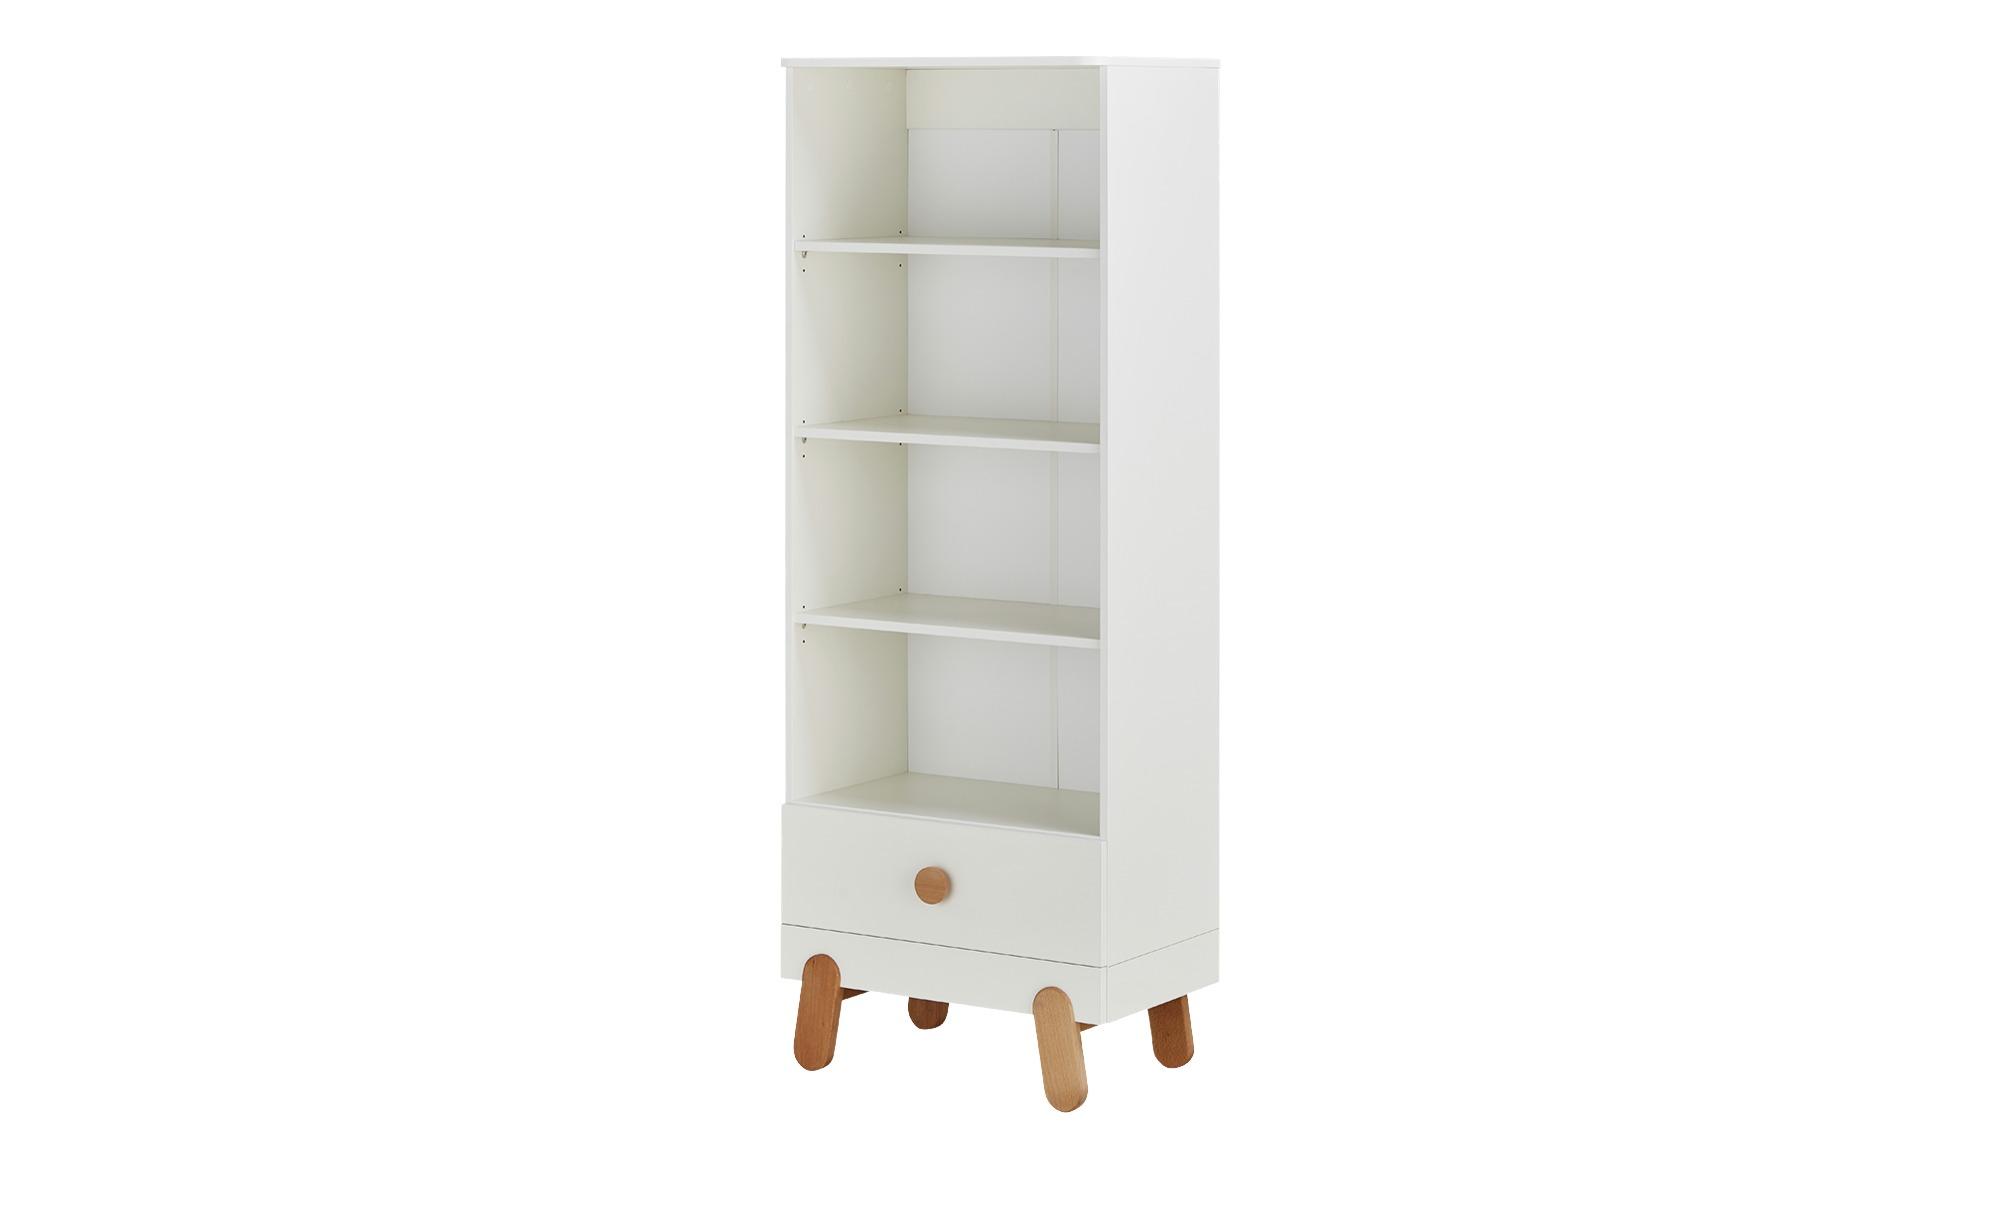 Standregal - weiß - 44 cm - 186 cm - 44 cm - Regale > Bücherregale - Möbel Kraft   Wohnzimmer > Regale > Einzelregale   Sconto